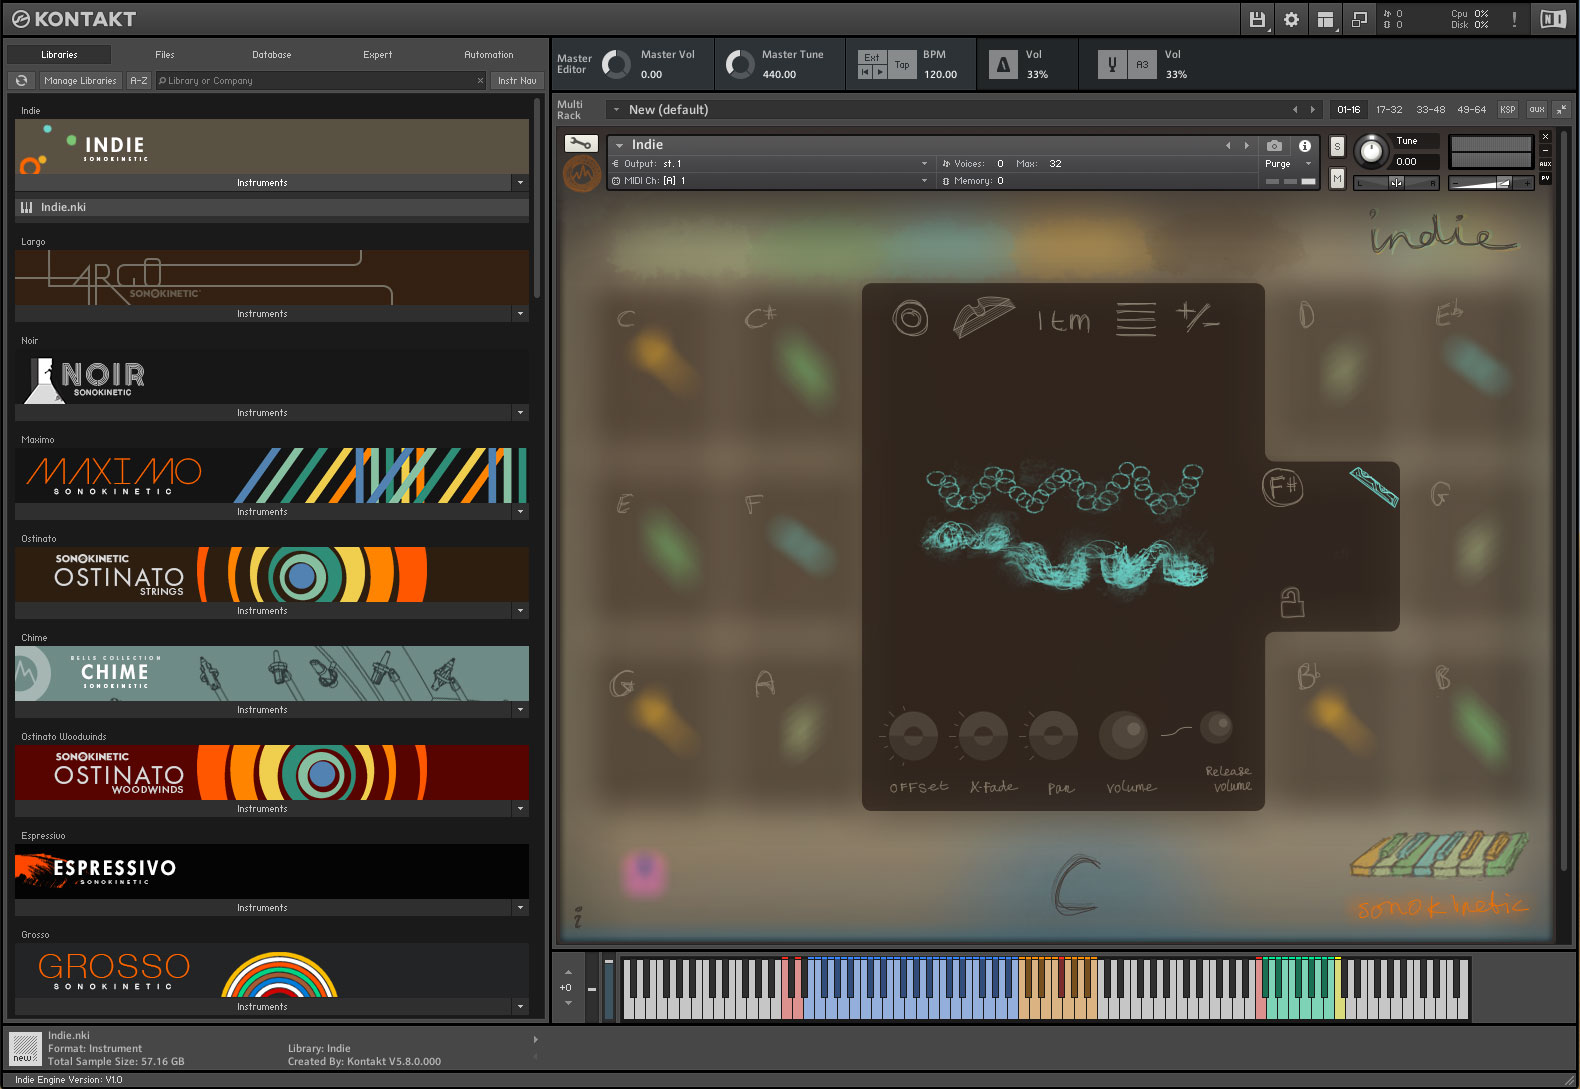 KVR: Indie by Sonokinetic BV - Sample Library VST Plugin, Audio